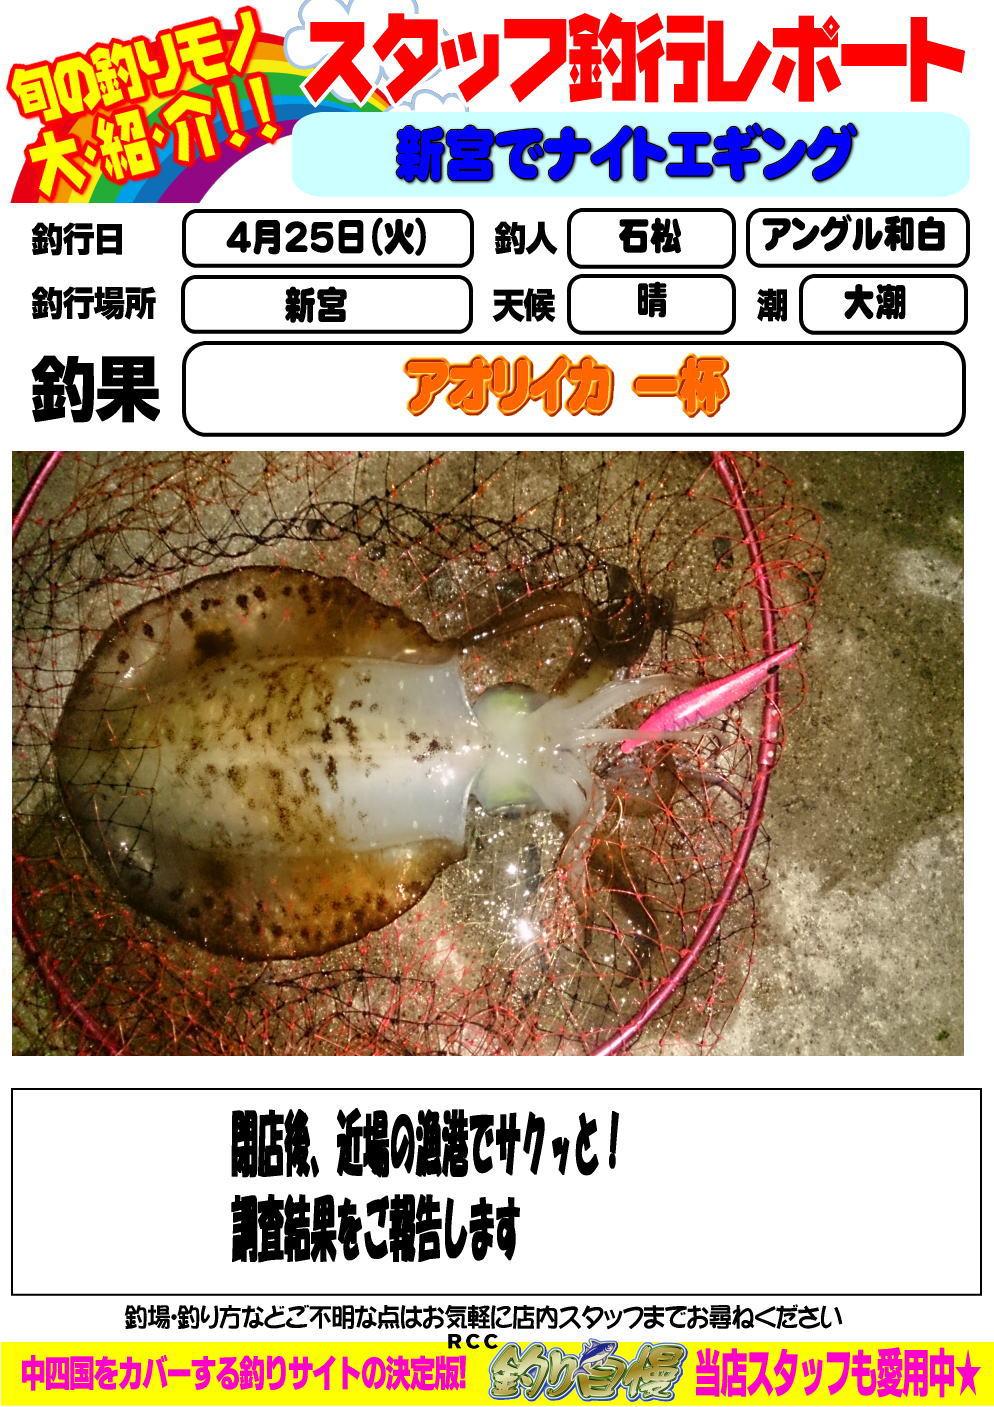 http://www.e-angle.co.jp/shop/blog/image.jpg%E7%9F%B3%E6%9D%BE%E3%82%A2%E3%82%AA%E3%83%AA.jpg